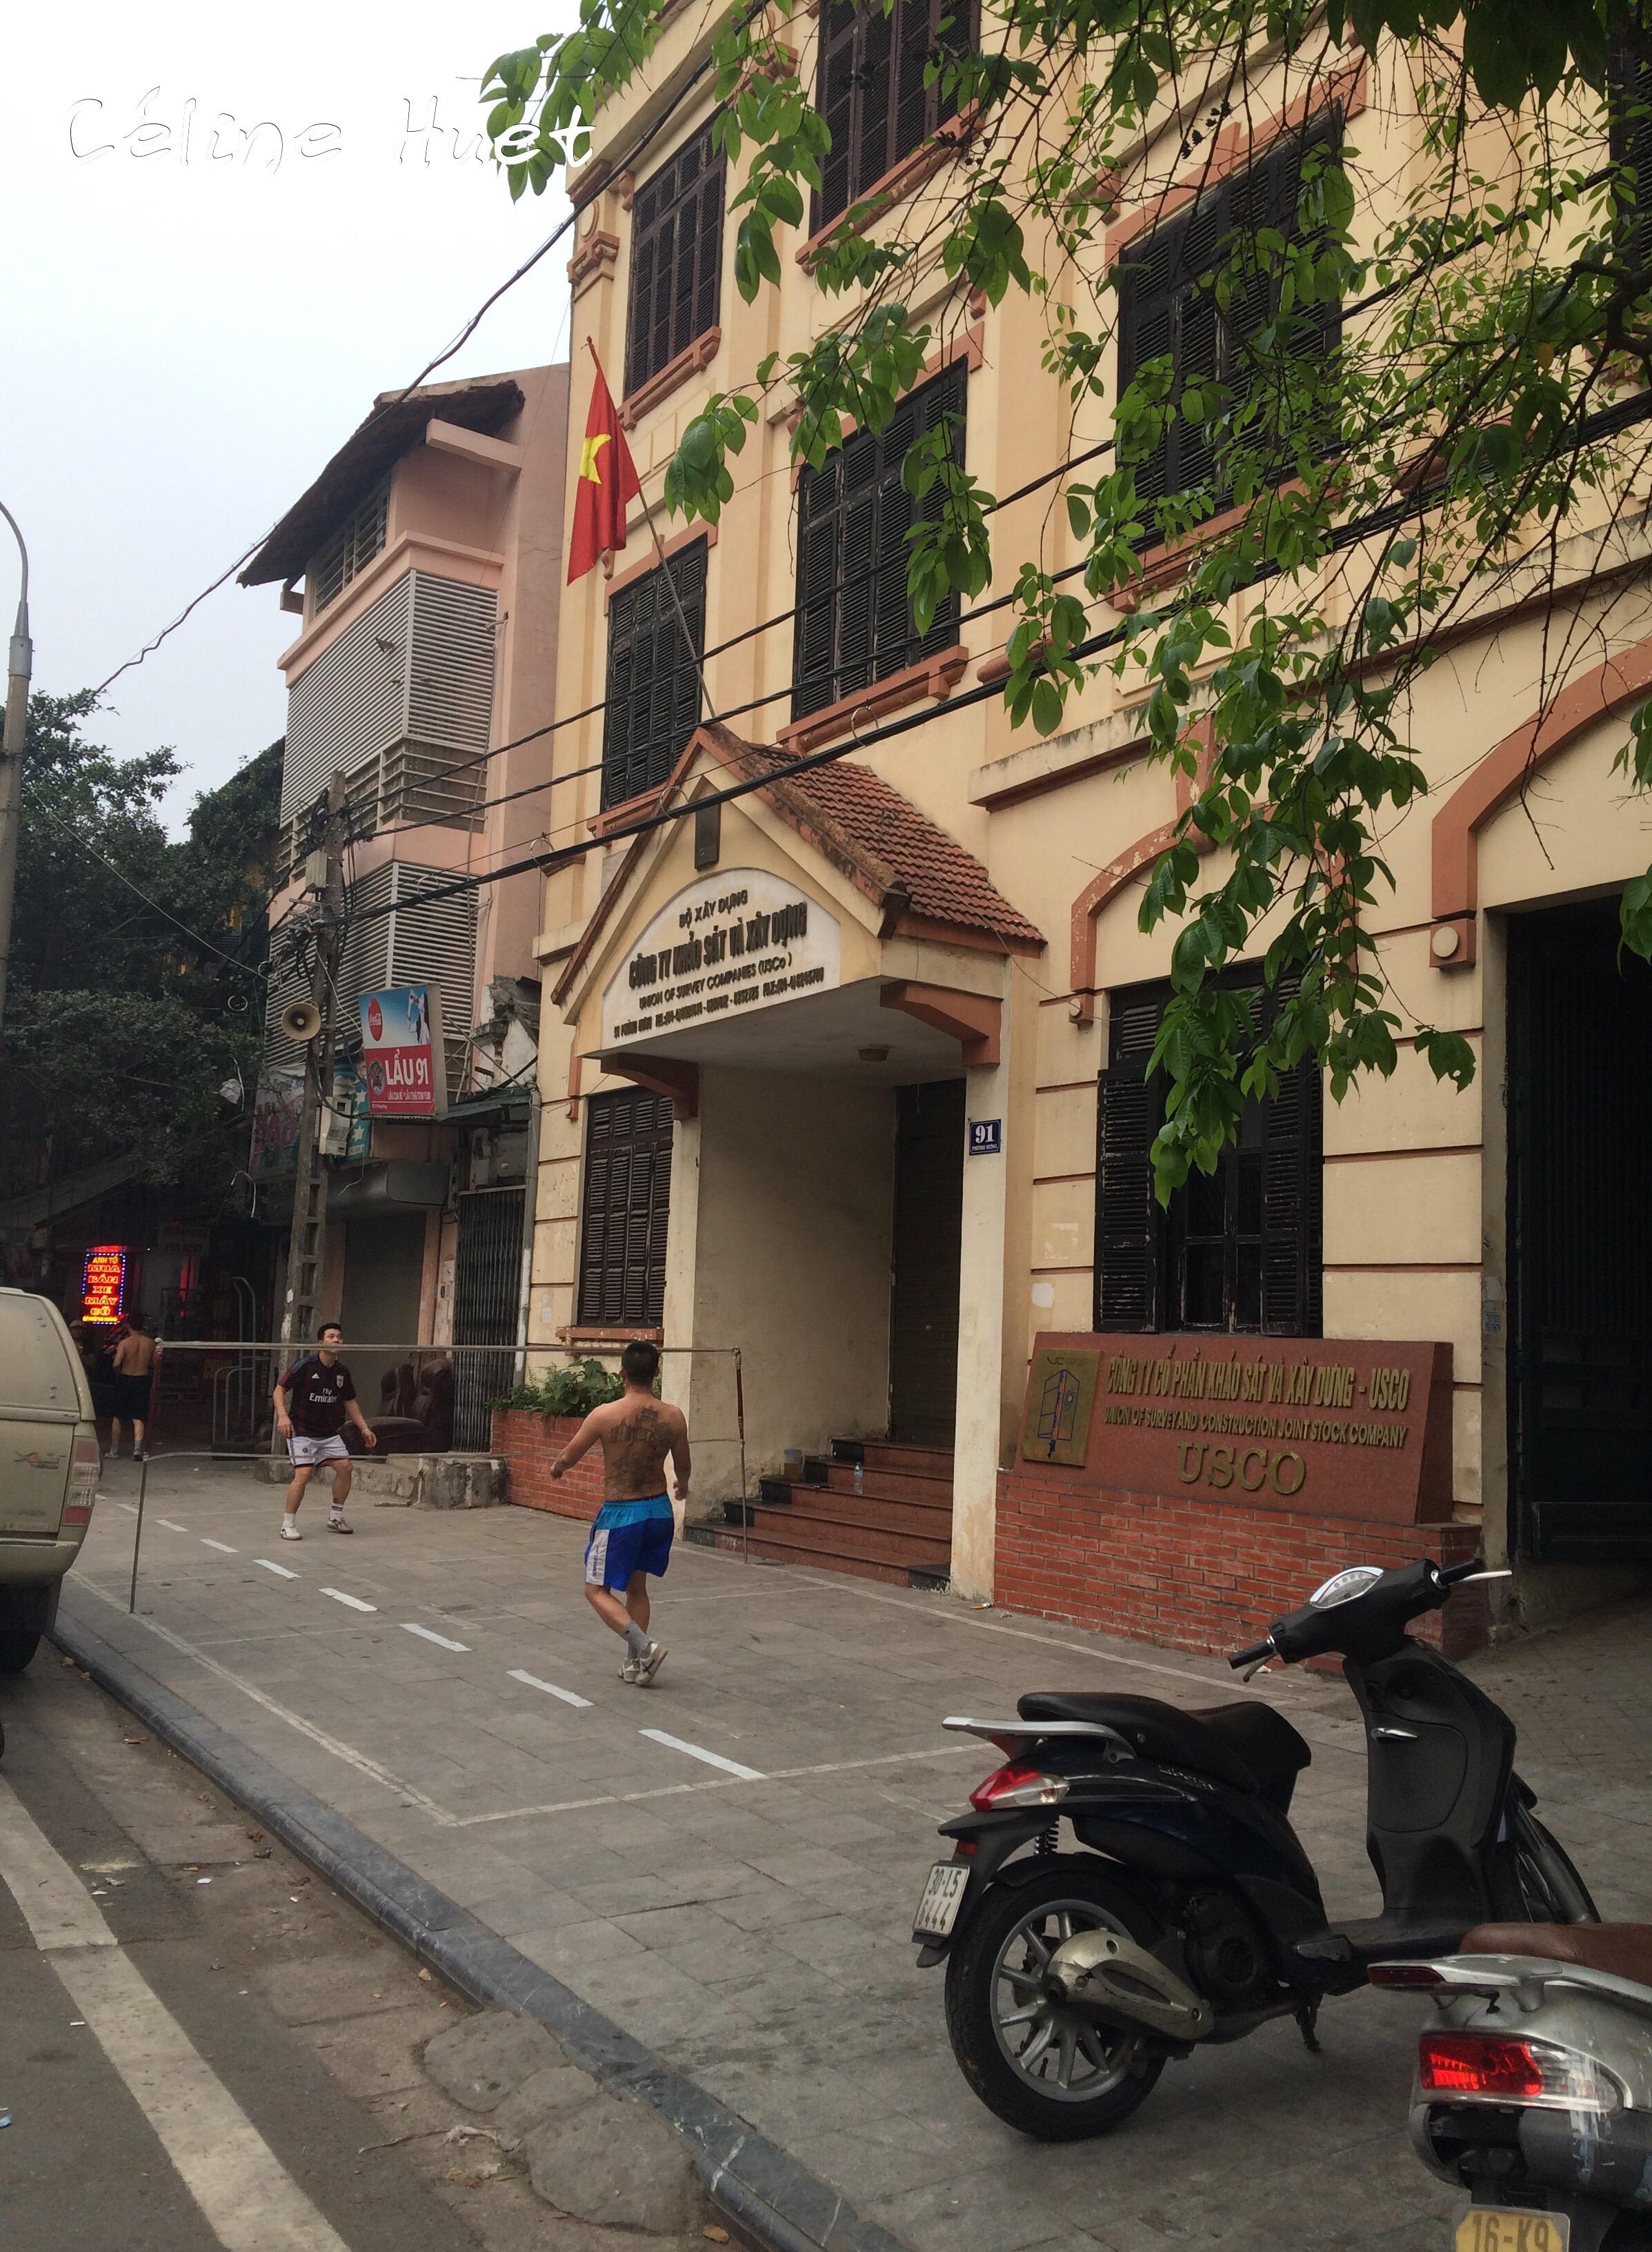 Terrain de sport dans la rue Hanoï Vietnam Asie